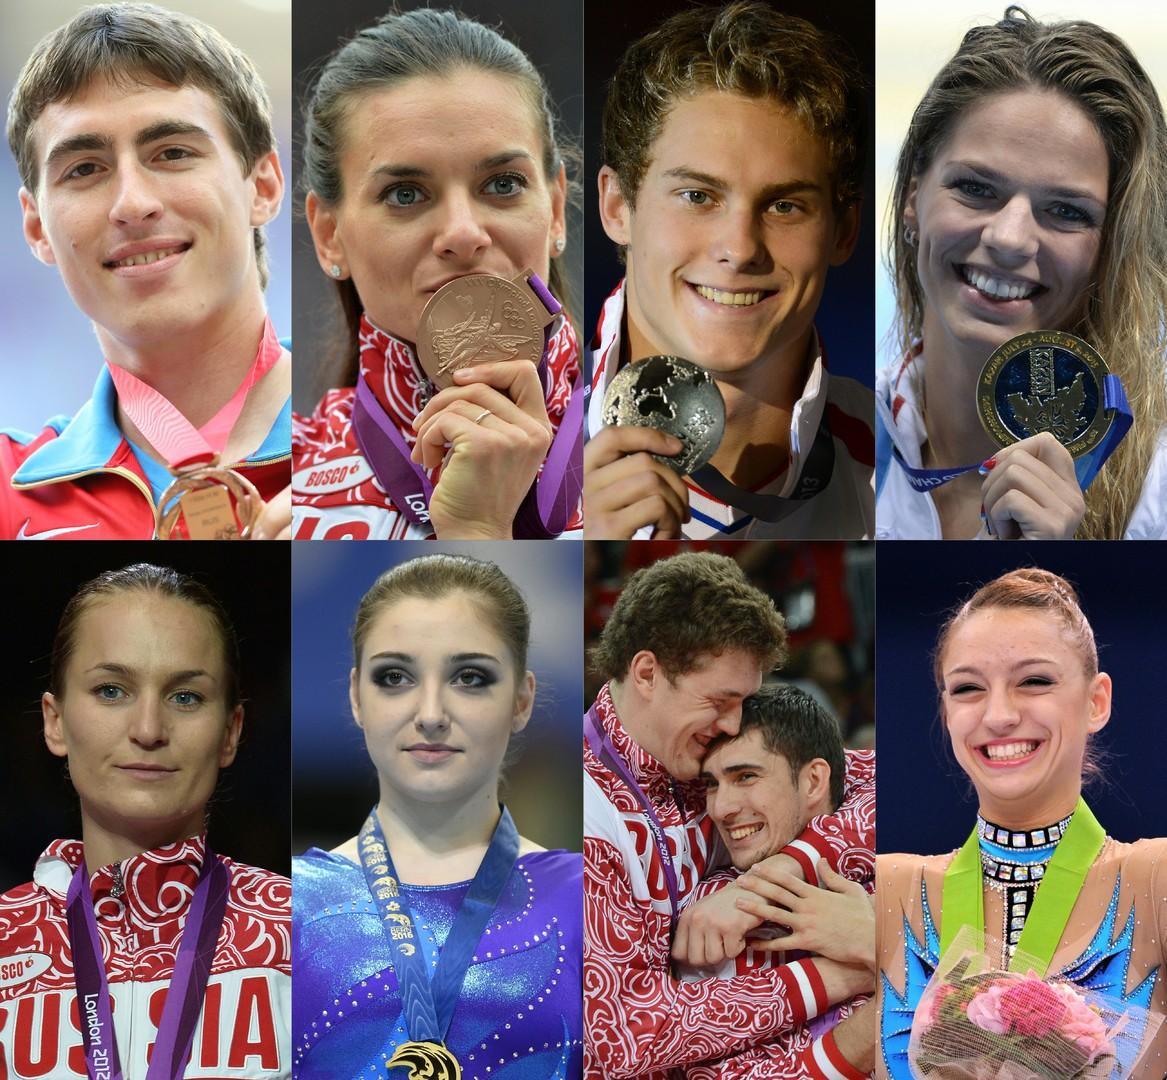 Российские атлеты, которые могут пропустить летние Олимпийские игры в Рио.